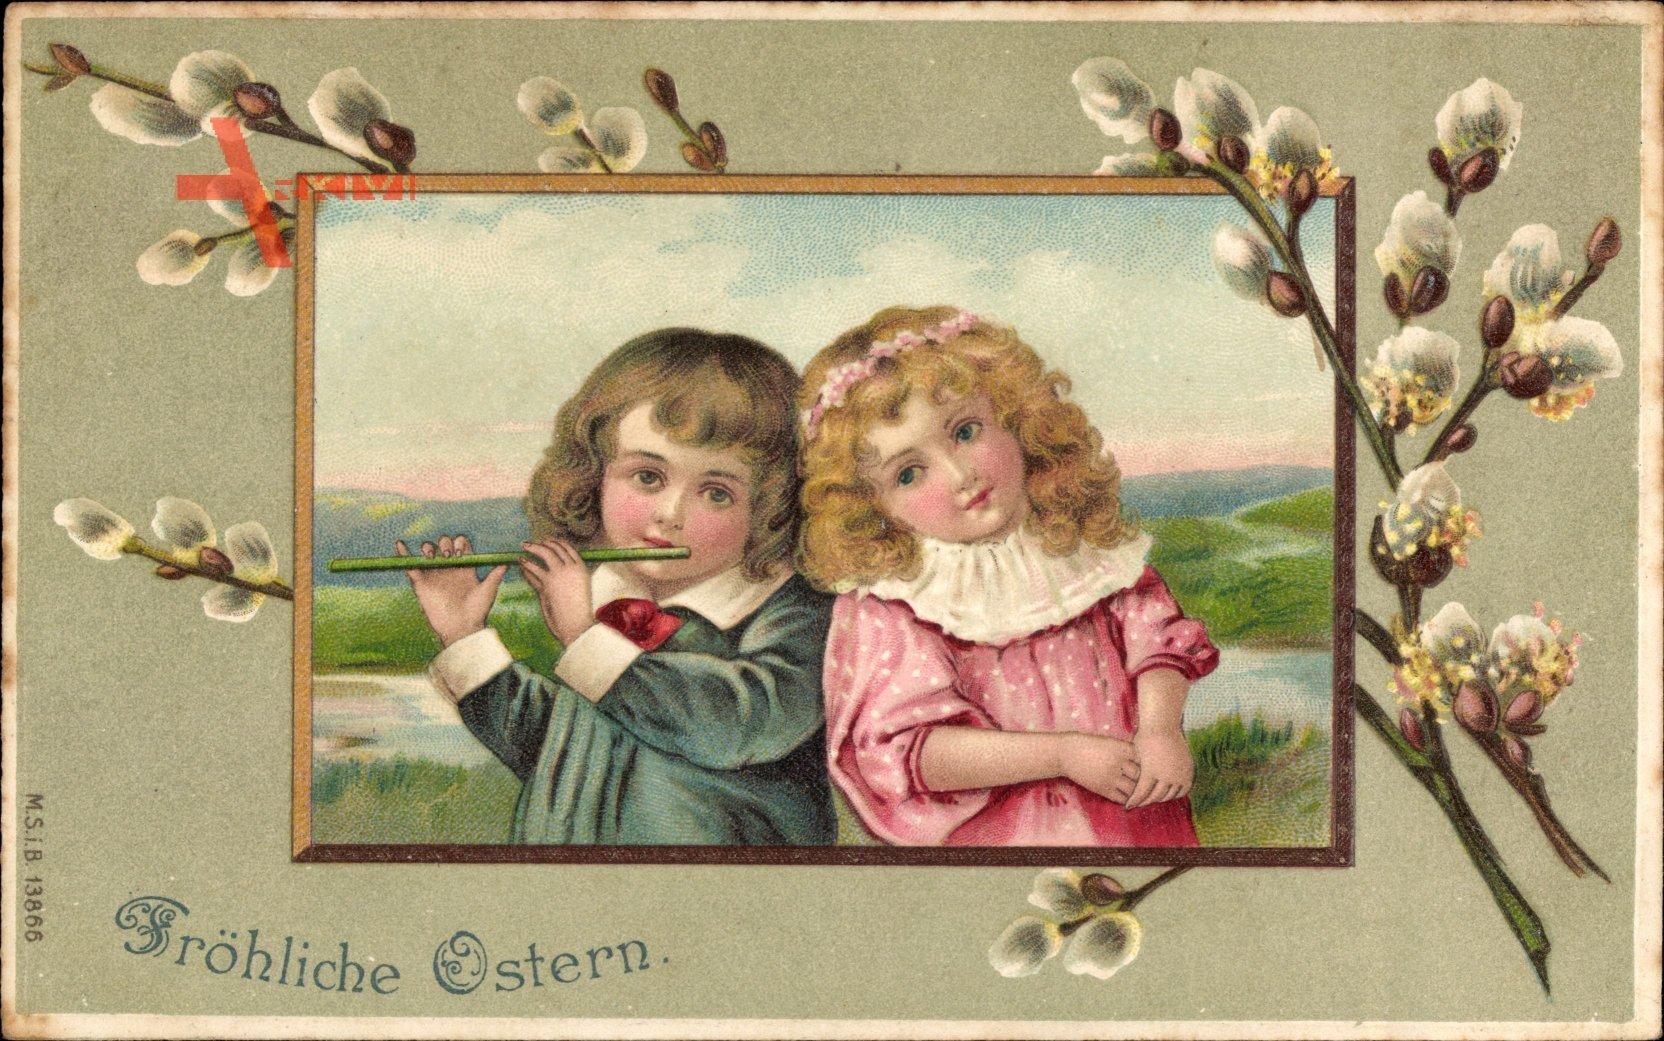 Glückwunsch Ostern, Zwei Kinder, Weidenkätzchen, Flöte